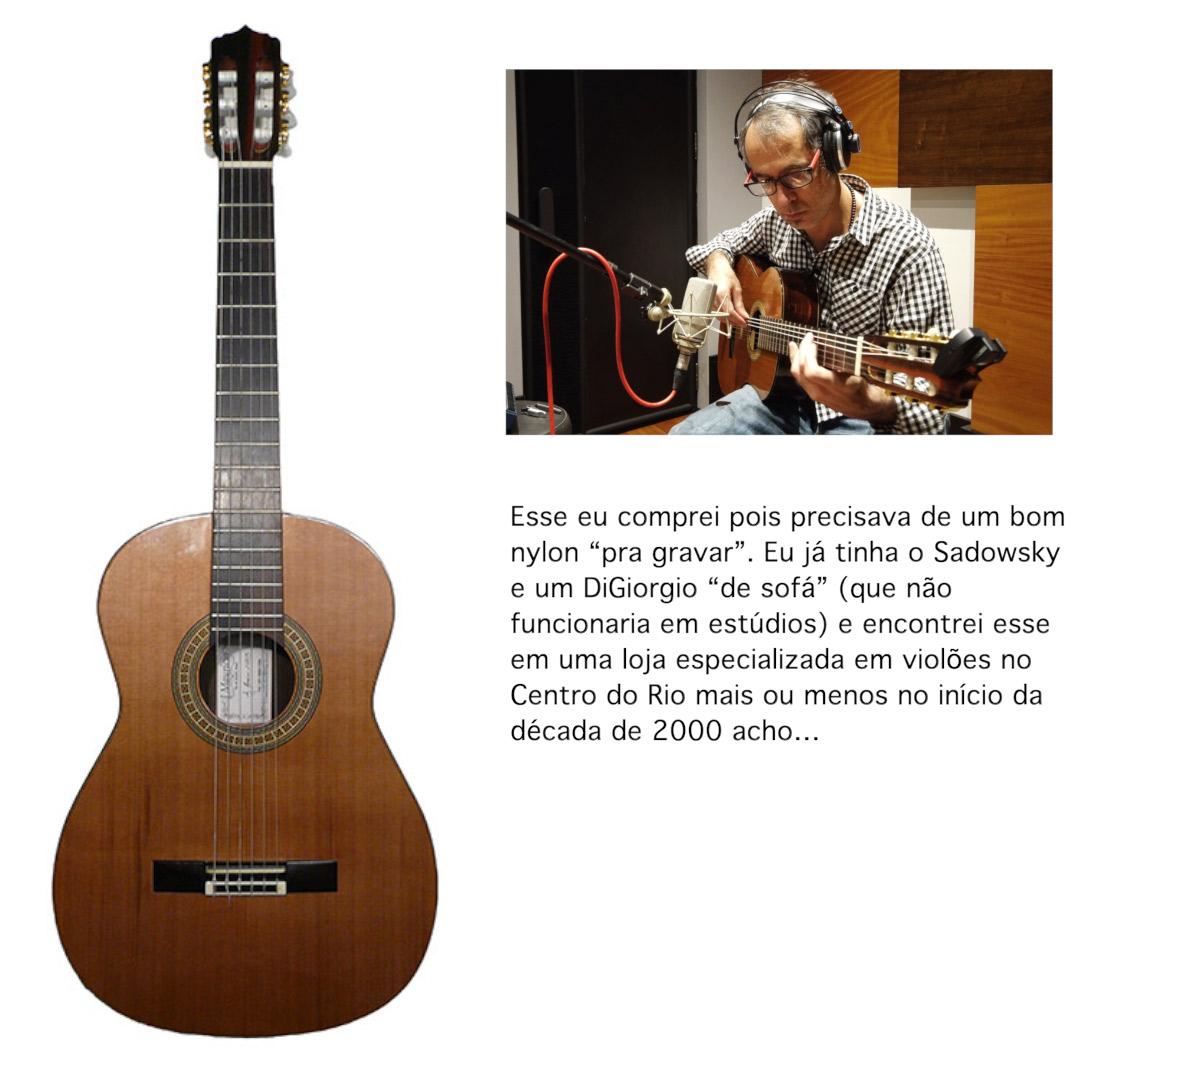 """Esse eu comprei pois precisava de um bom nylon """"pra gravar"""". Eu já tinha o Sadowsky e um DiGiorgio """"de sofá"""" (que não funcionaria em estúdios) e encontrei esse em uma loja especializada em violões no Centro do Rio mais ou menos no início da década de 2000 acho..."""